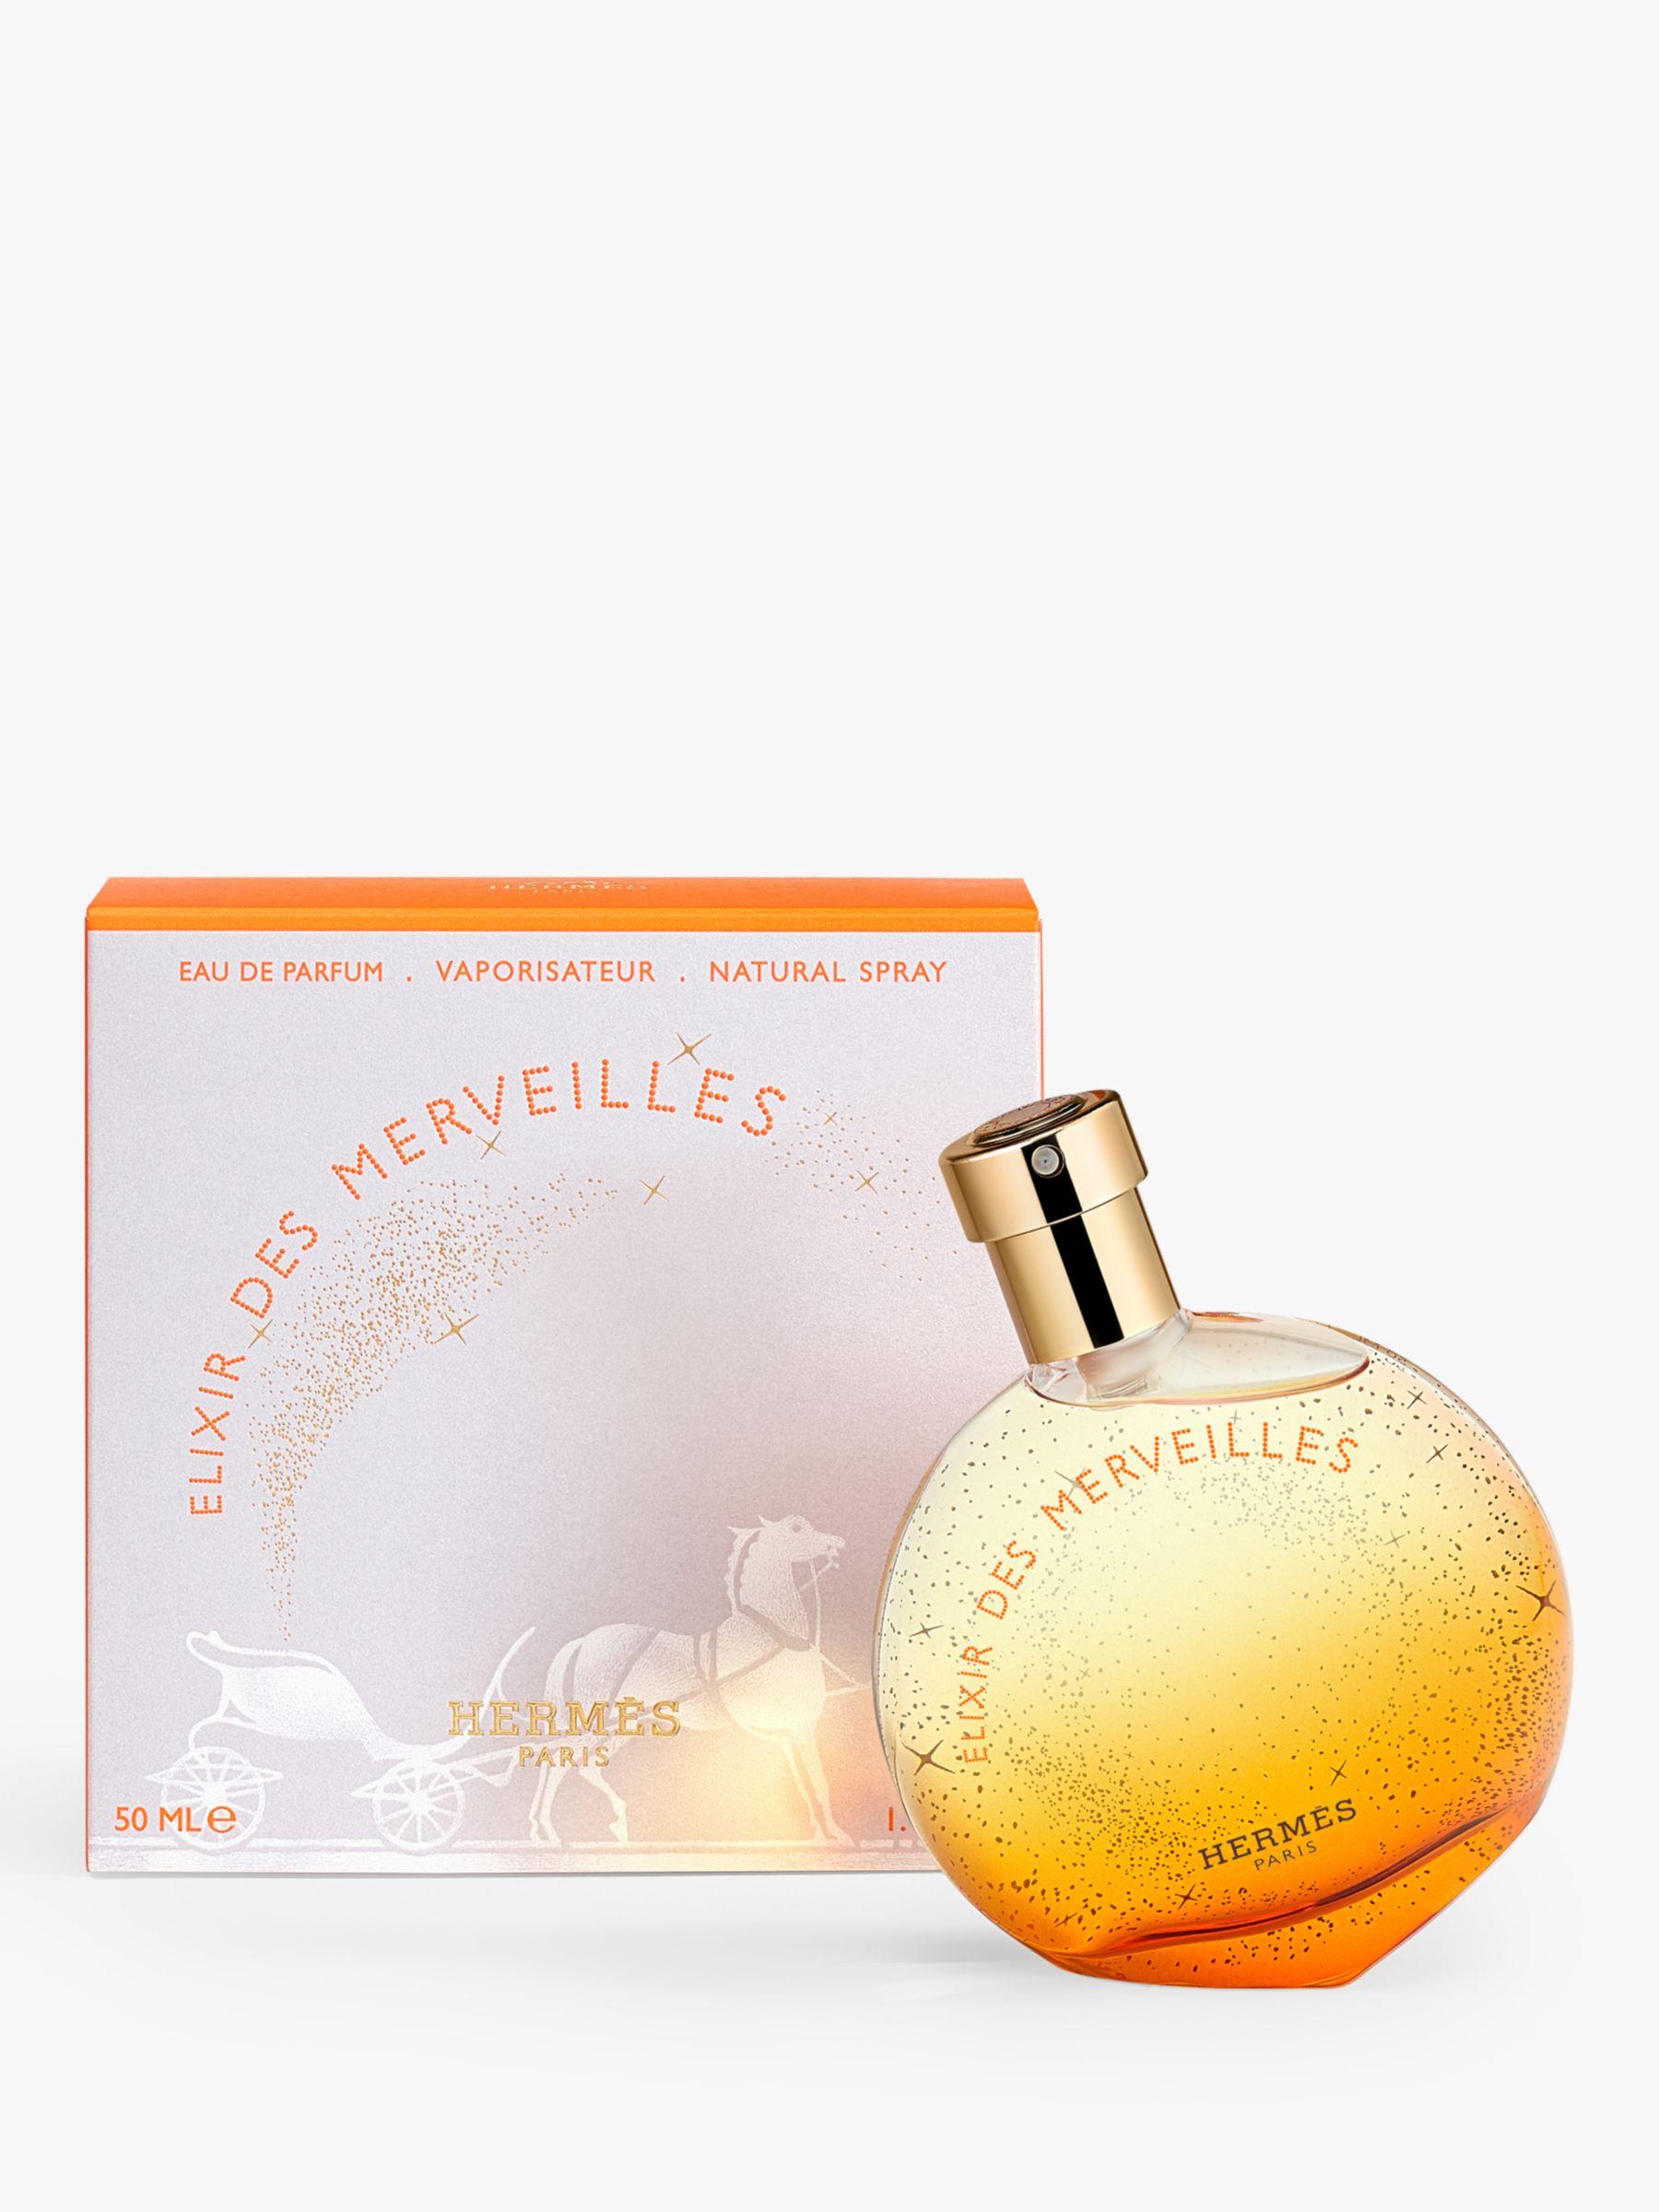 Hermes HERMÈS Elixir Des Merveilles Eau de Parfum